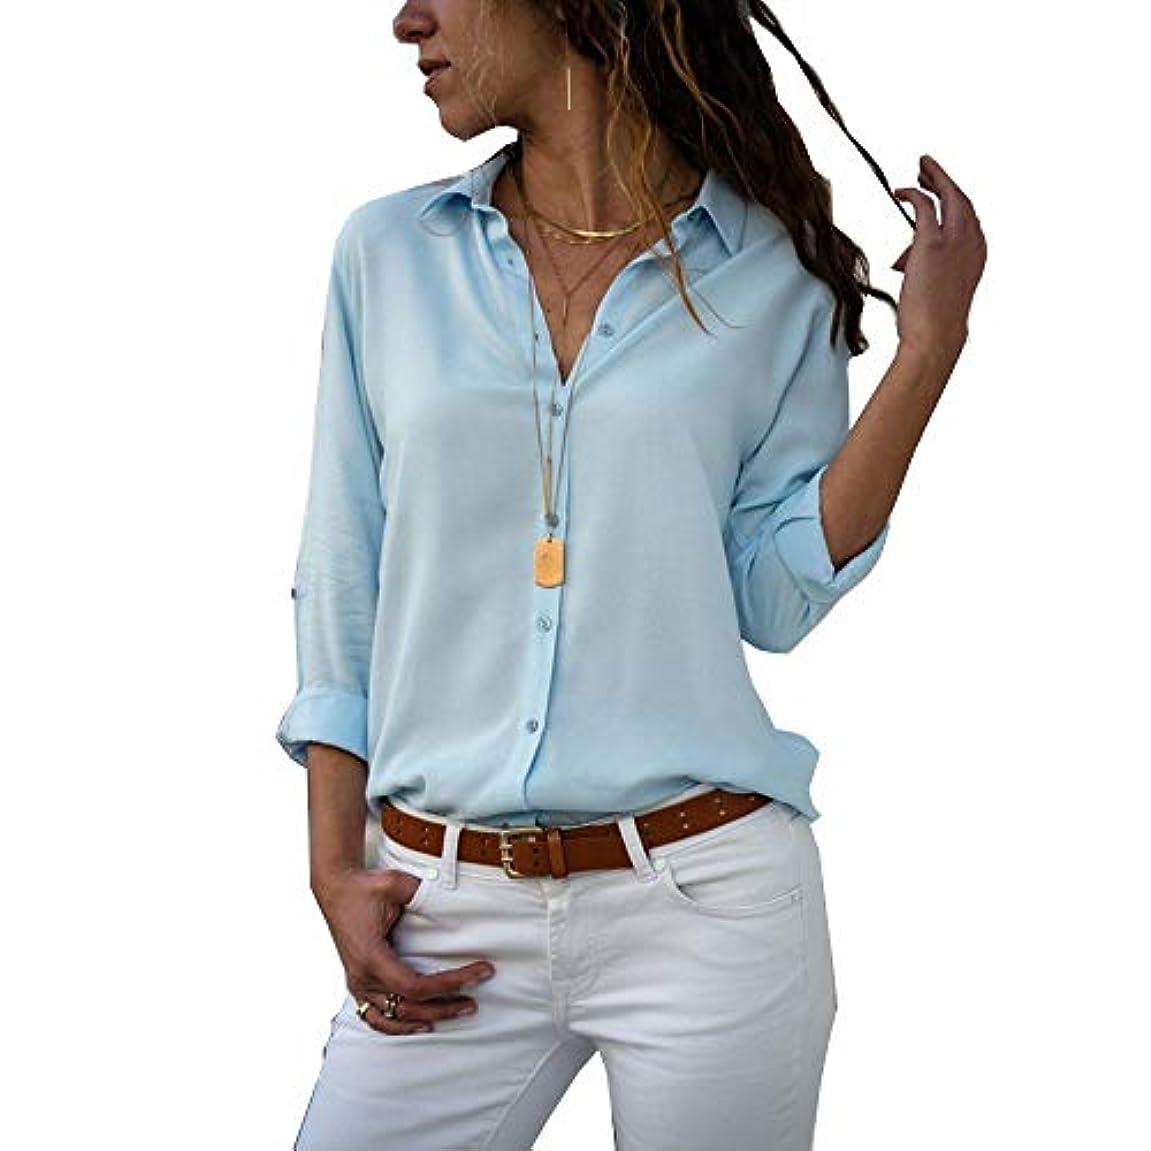 取り戻すやめるサラミMIFAN ルーズシャツ、トップス&Tシャツ、プラスサイズ、トップス&ブラウス、シフォンブラウス、女性トップス、シフォンシャツ